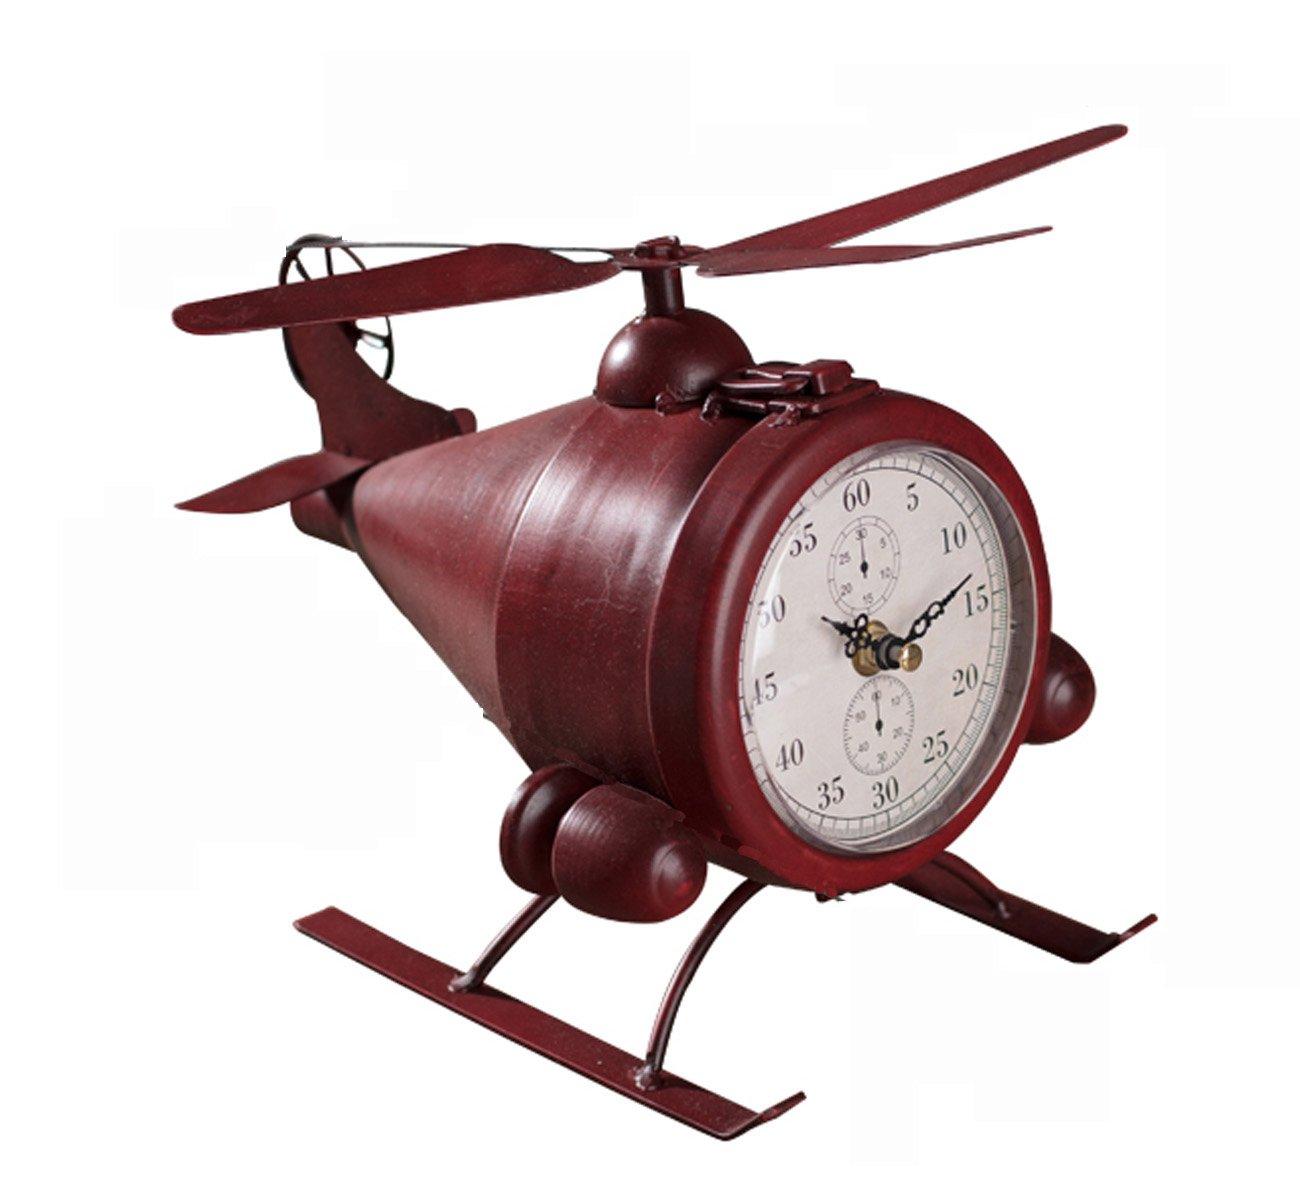 レトロノスタルジック飛行機モデルクロック、クリエイティブアイアン装飾テーブルクロック、リビングルームテレビキャビネット寝室装飾棚の時計または完璧なギフト(26 * 24 * 19センチメートル) (色 : ブラック) B07CZKCS5Cブラック